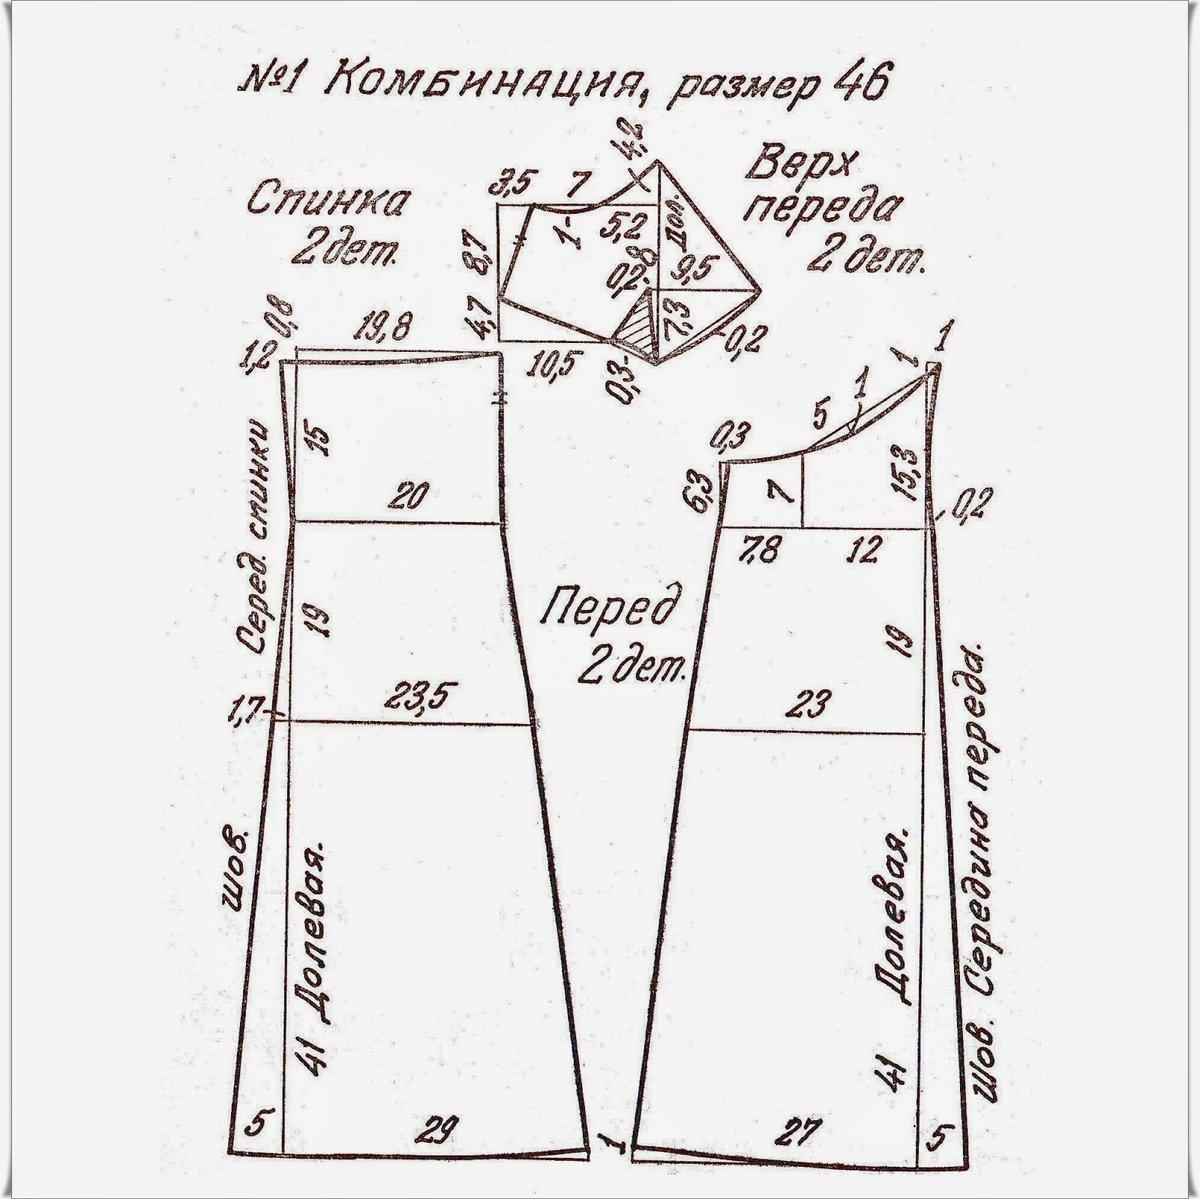 Выкройка женской пижамы - Своими руками 71